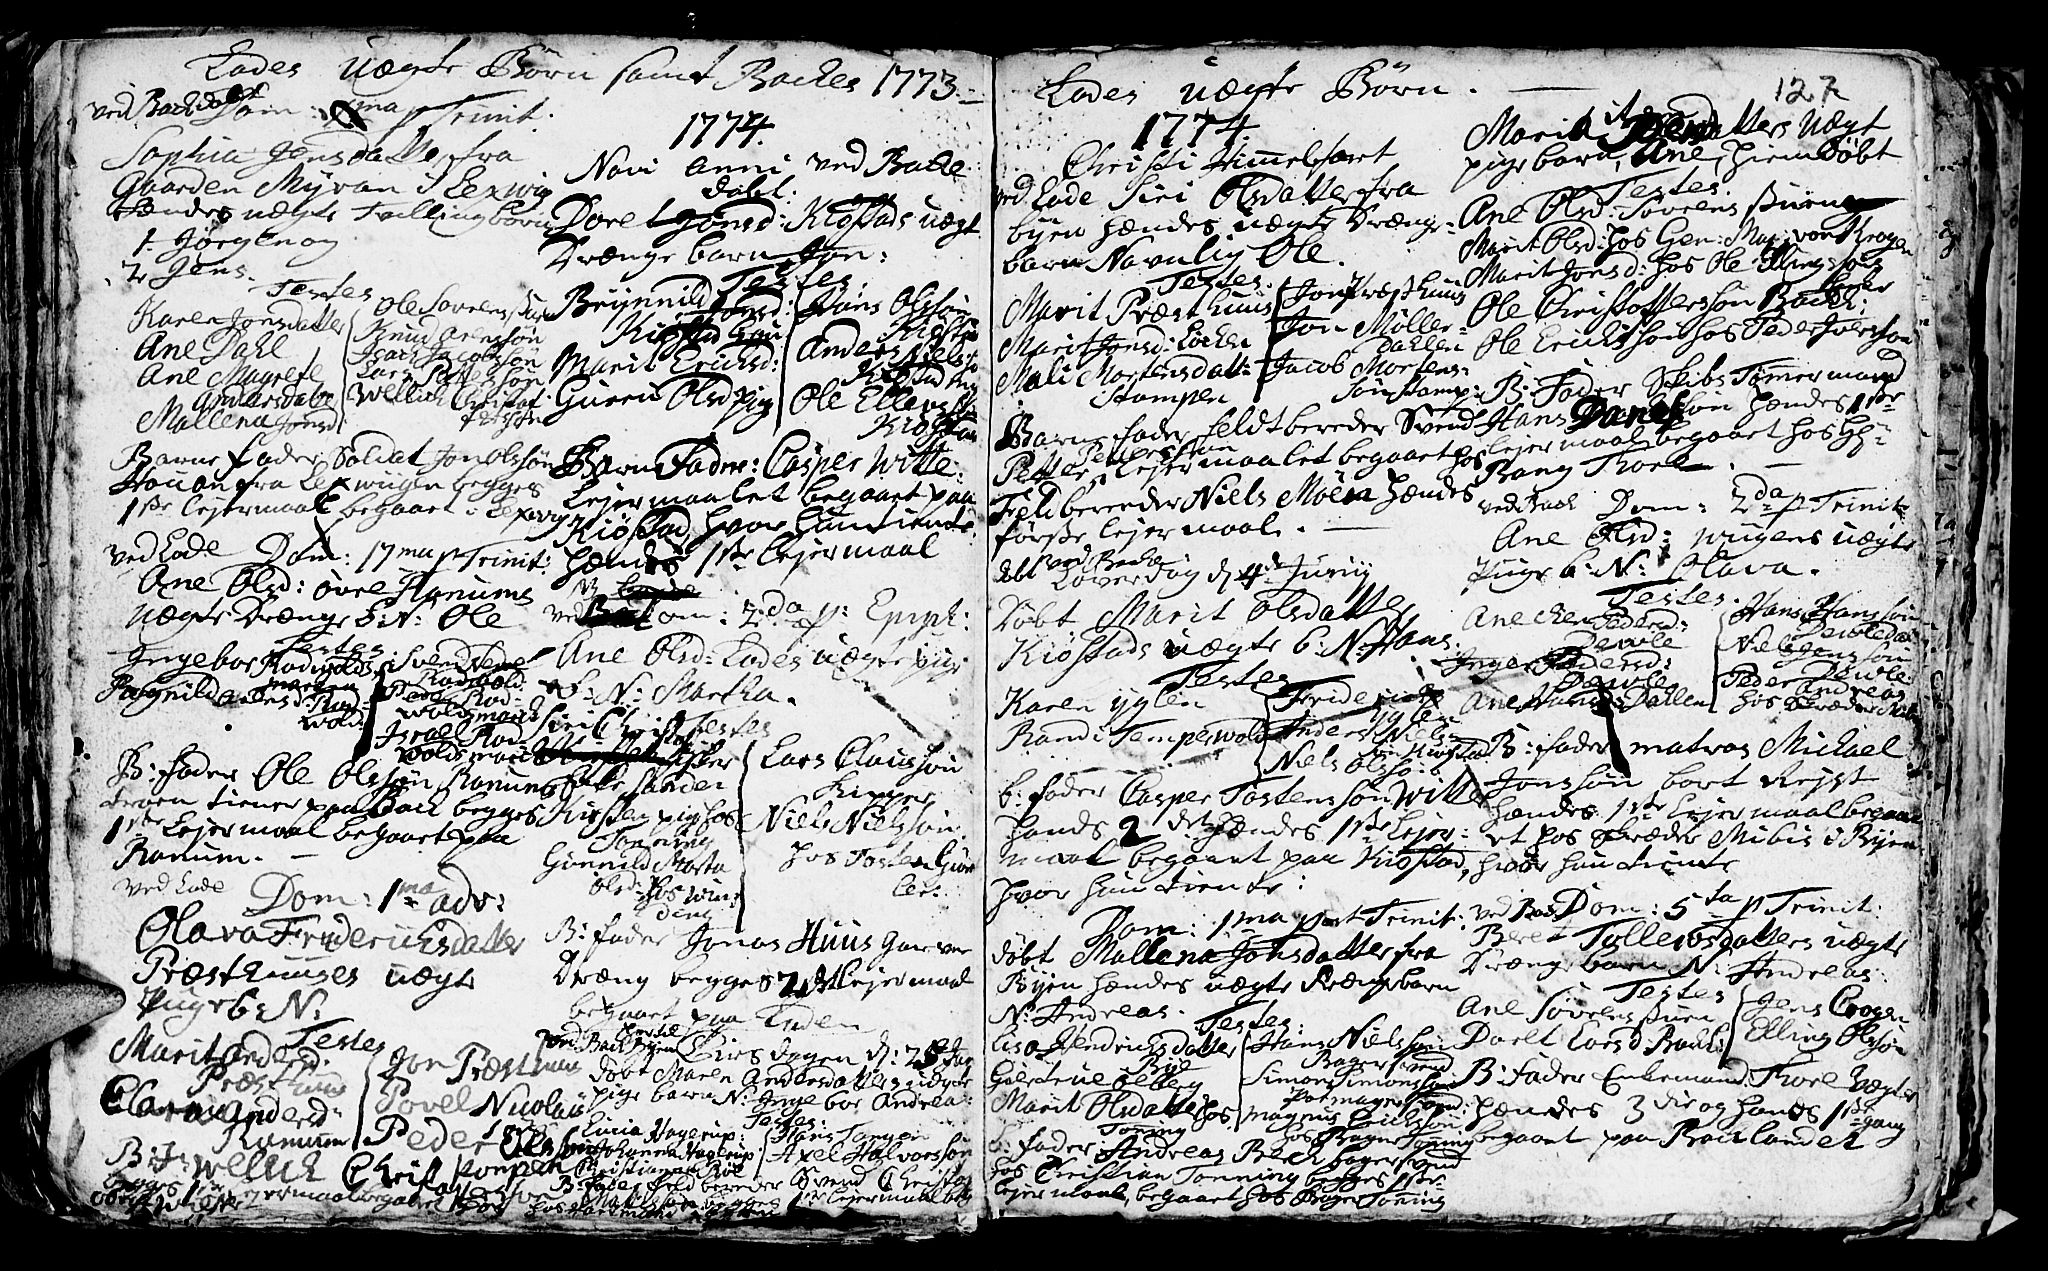 SAT, Ministerialprotokoller, klokkerbøker og fødselsregistre - Sør-Trøndelag, 606/L0305: Klokkerbok nr. 606C01, 1757-1819, s. 127